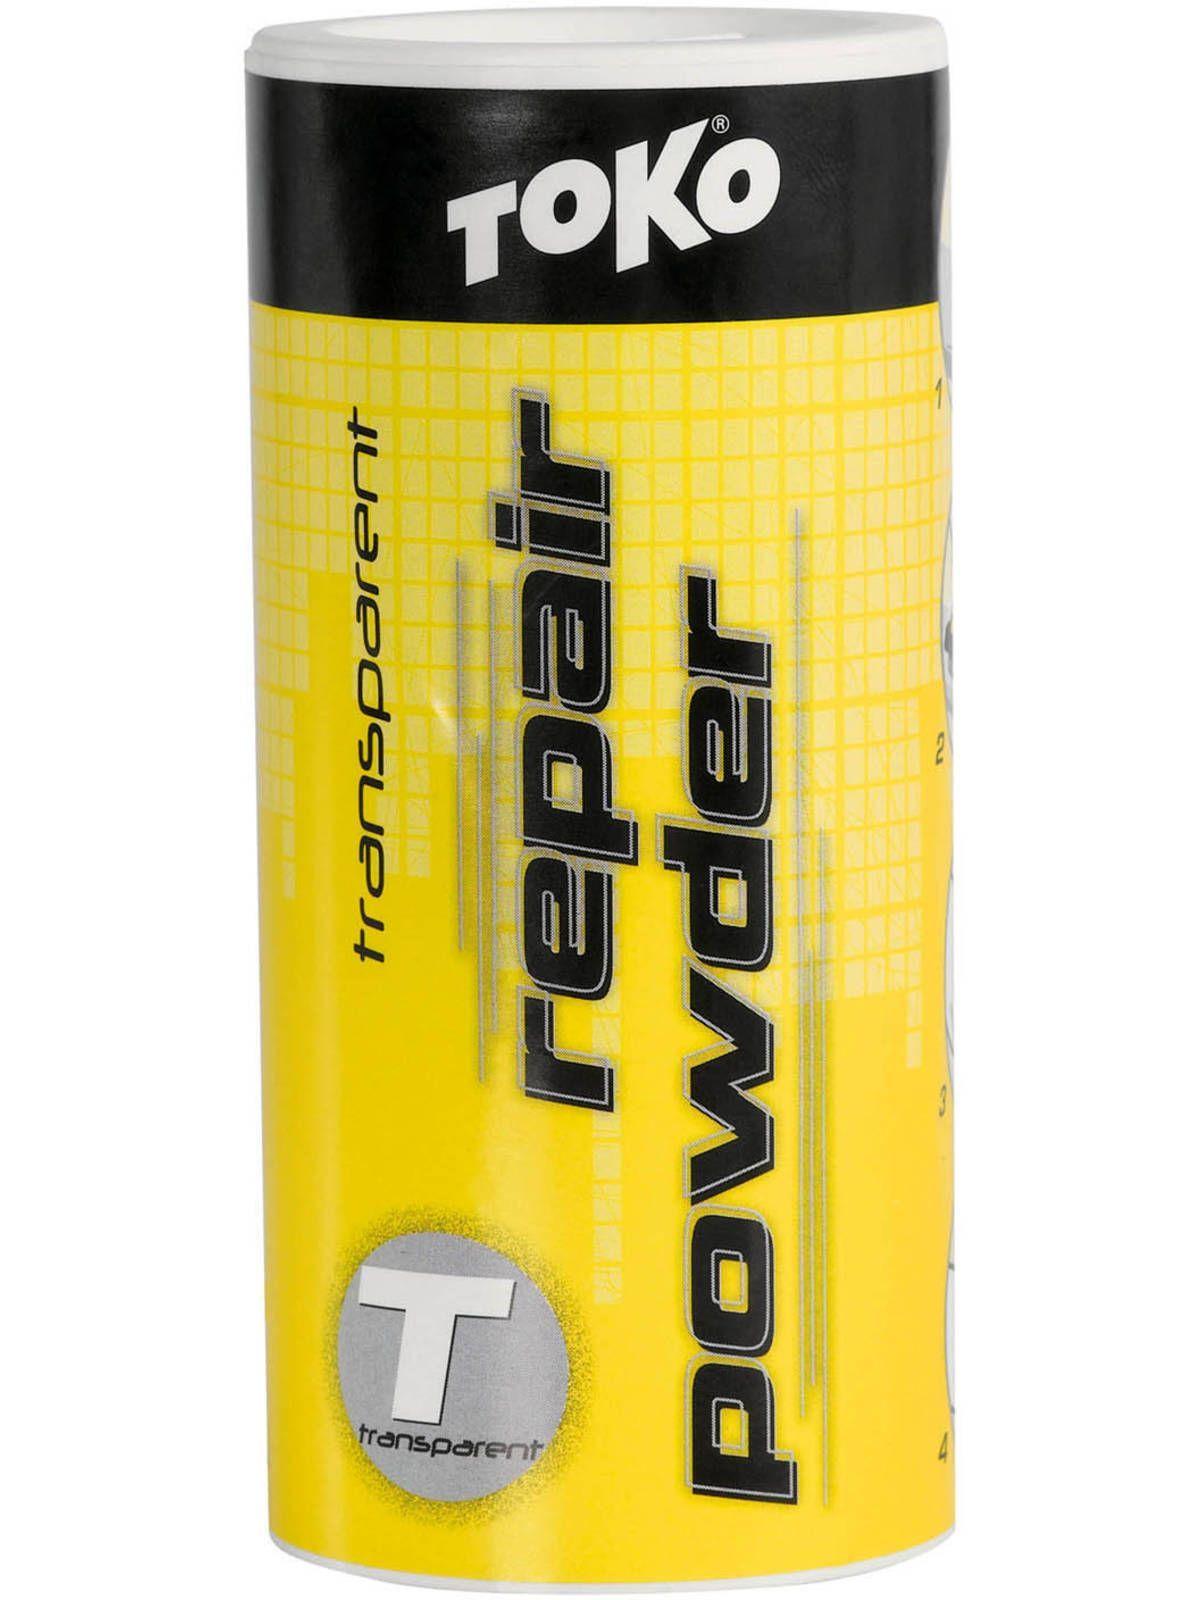 Toko Repair Powder transparent